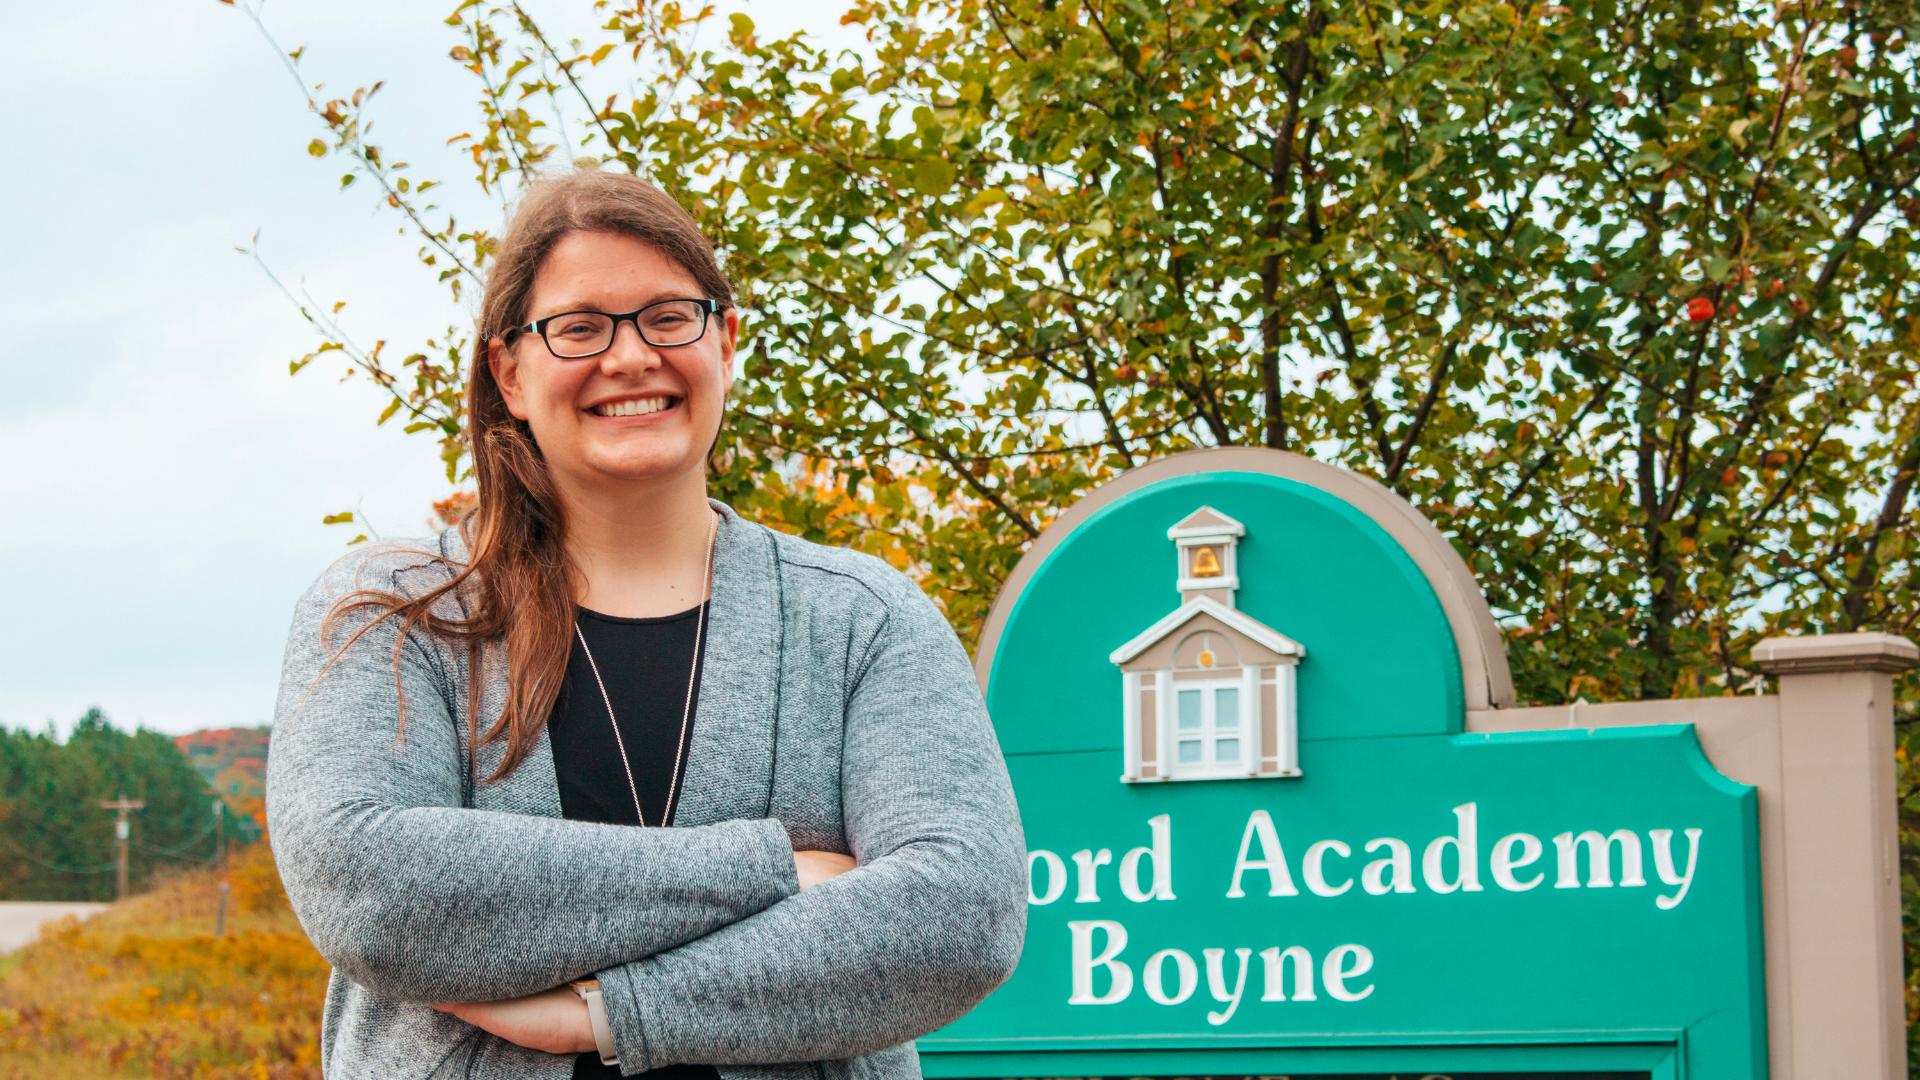 A photo of Concord Academy Boyne teacher, Caitlin Ritter.